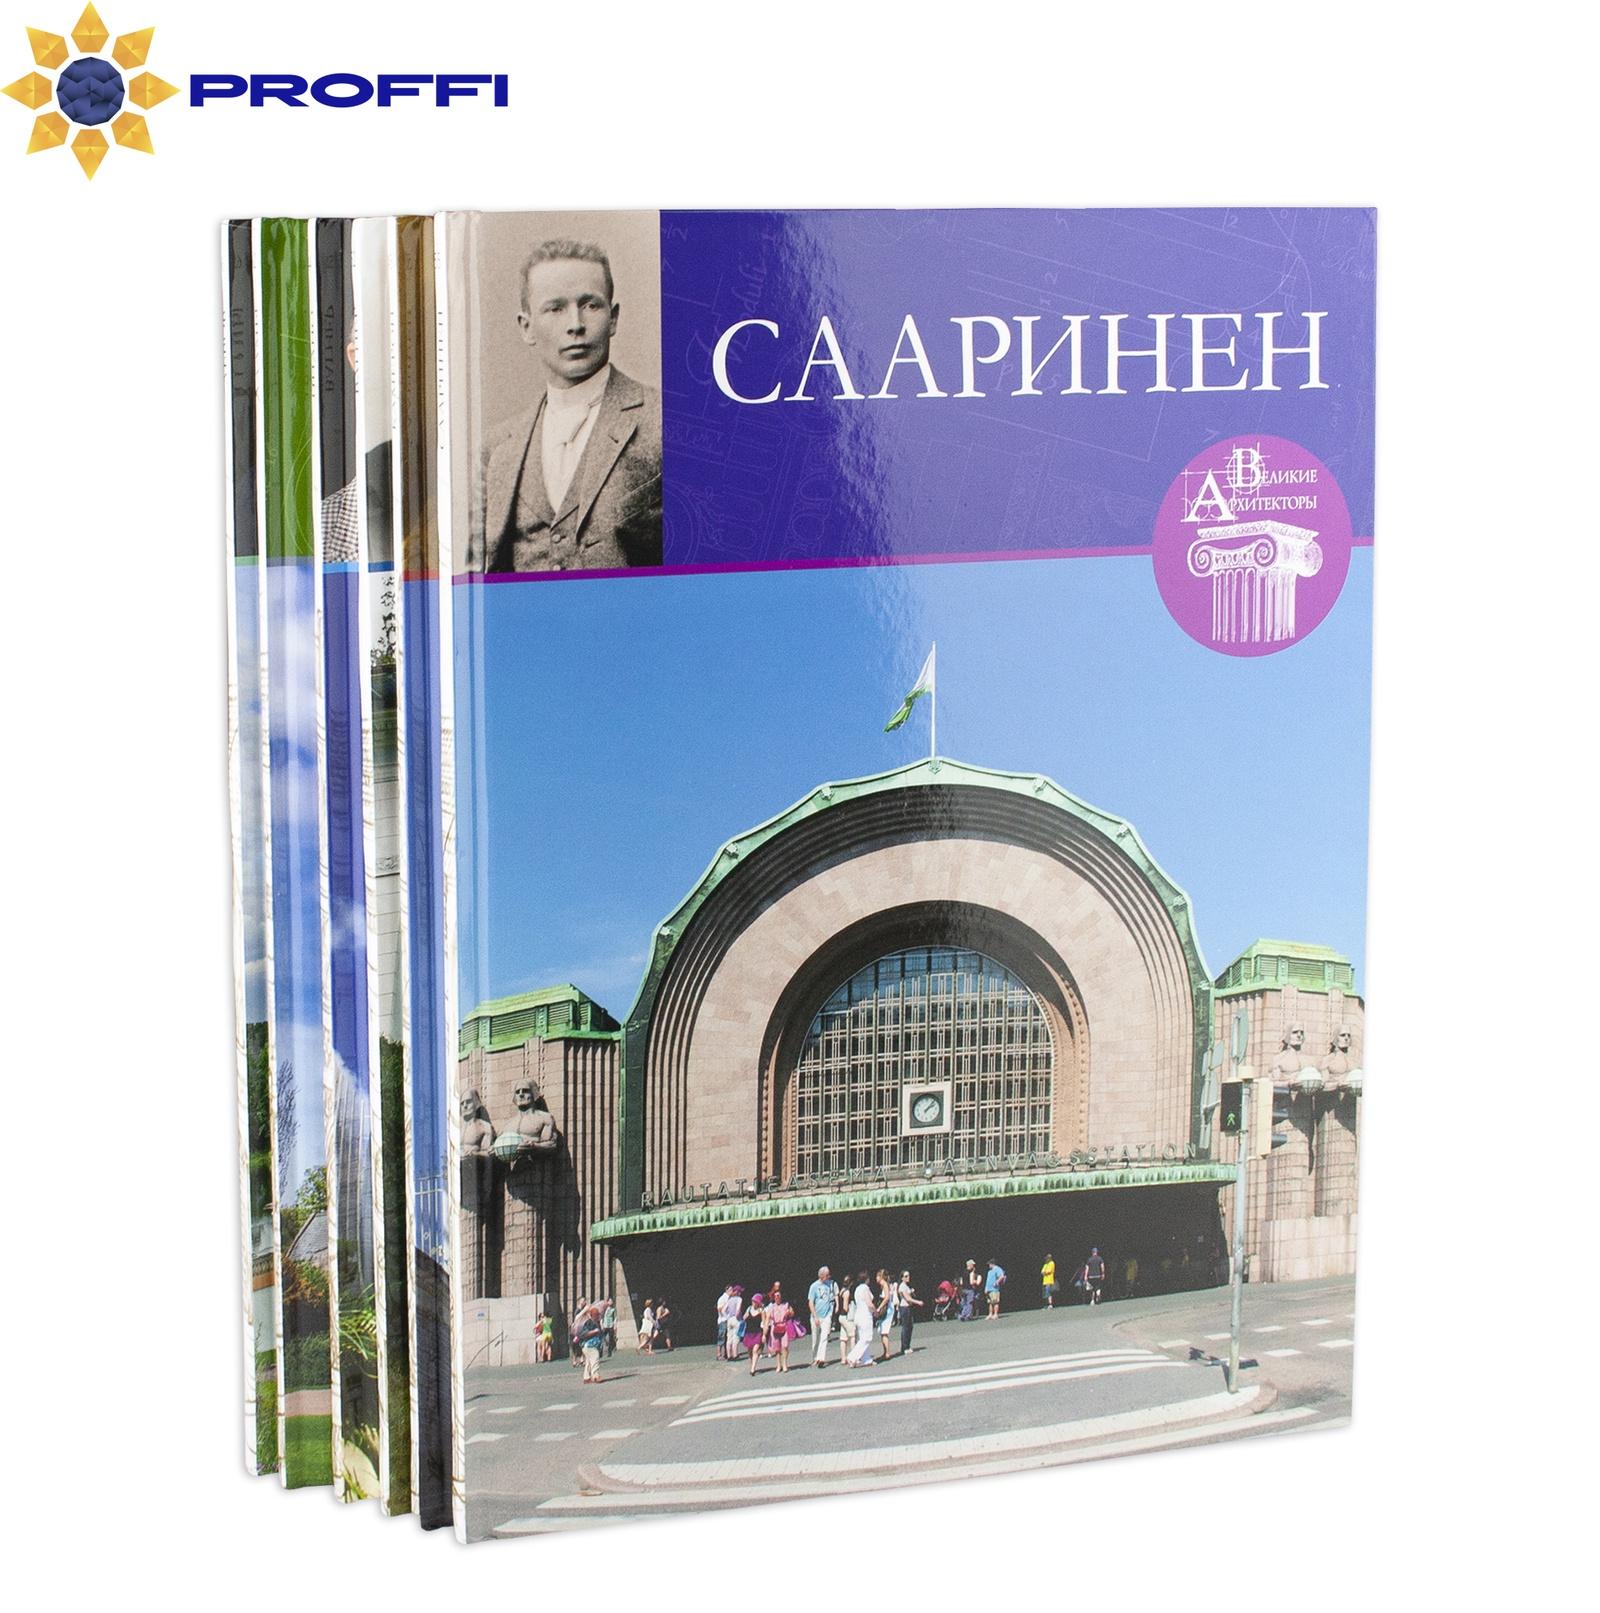 Набор книг Великие архитекторы, 6 шт